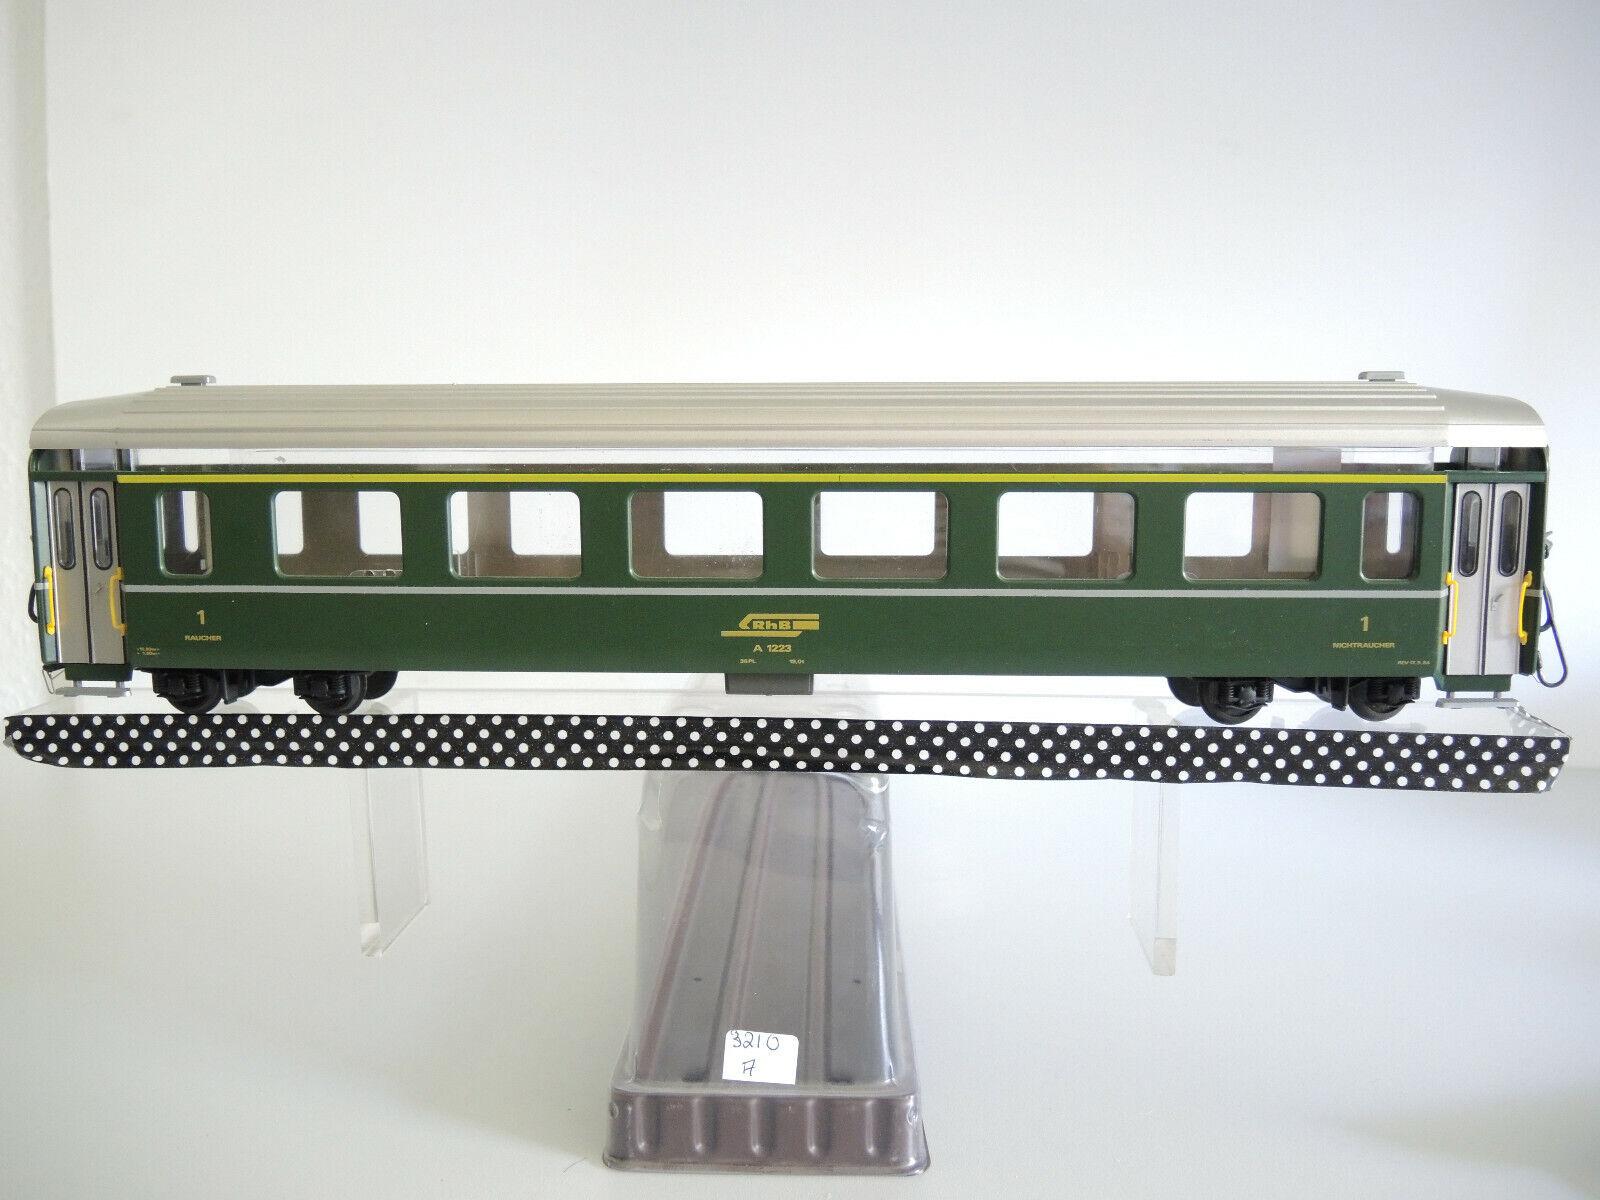 Fama 3210, Personenwagen der Rhätische Bahn 1.Kl. Bitte Text lesen, ohne OVP (A)